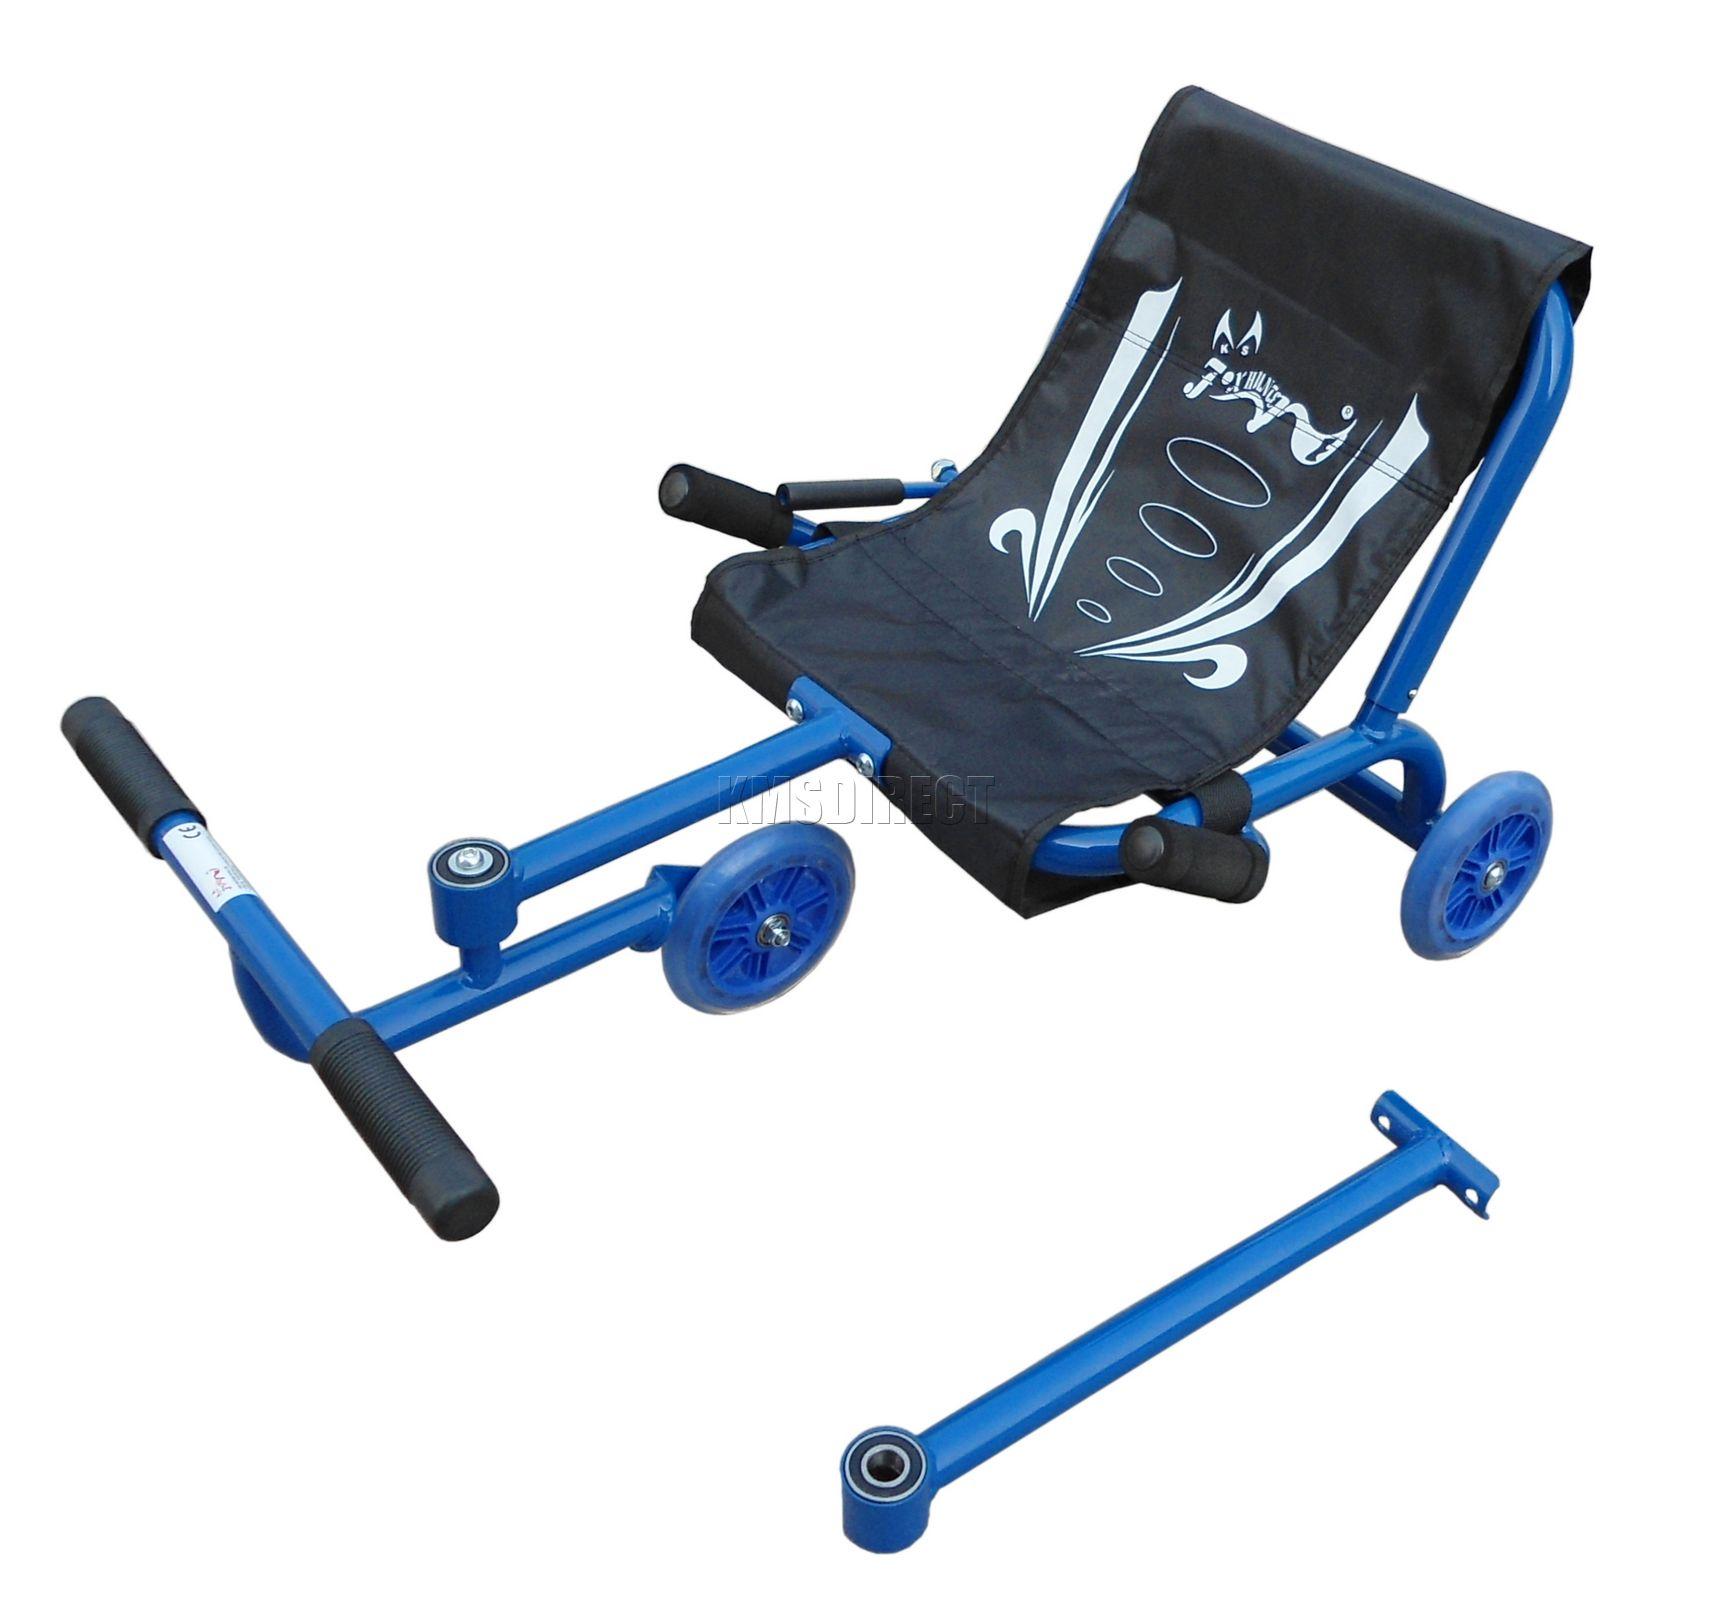 kinder ride on go kart go kart rennen kein pedal au en. Black Bedroom Furniture Sets. Home Design Ideas